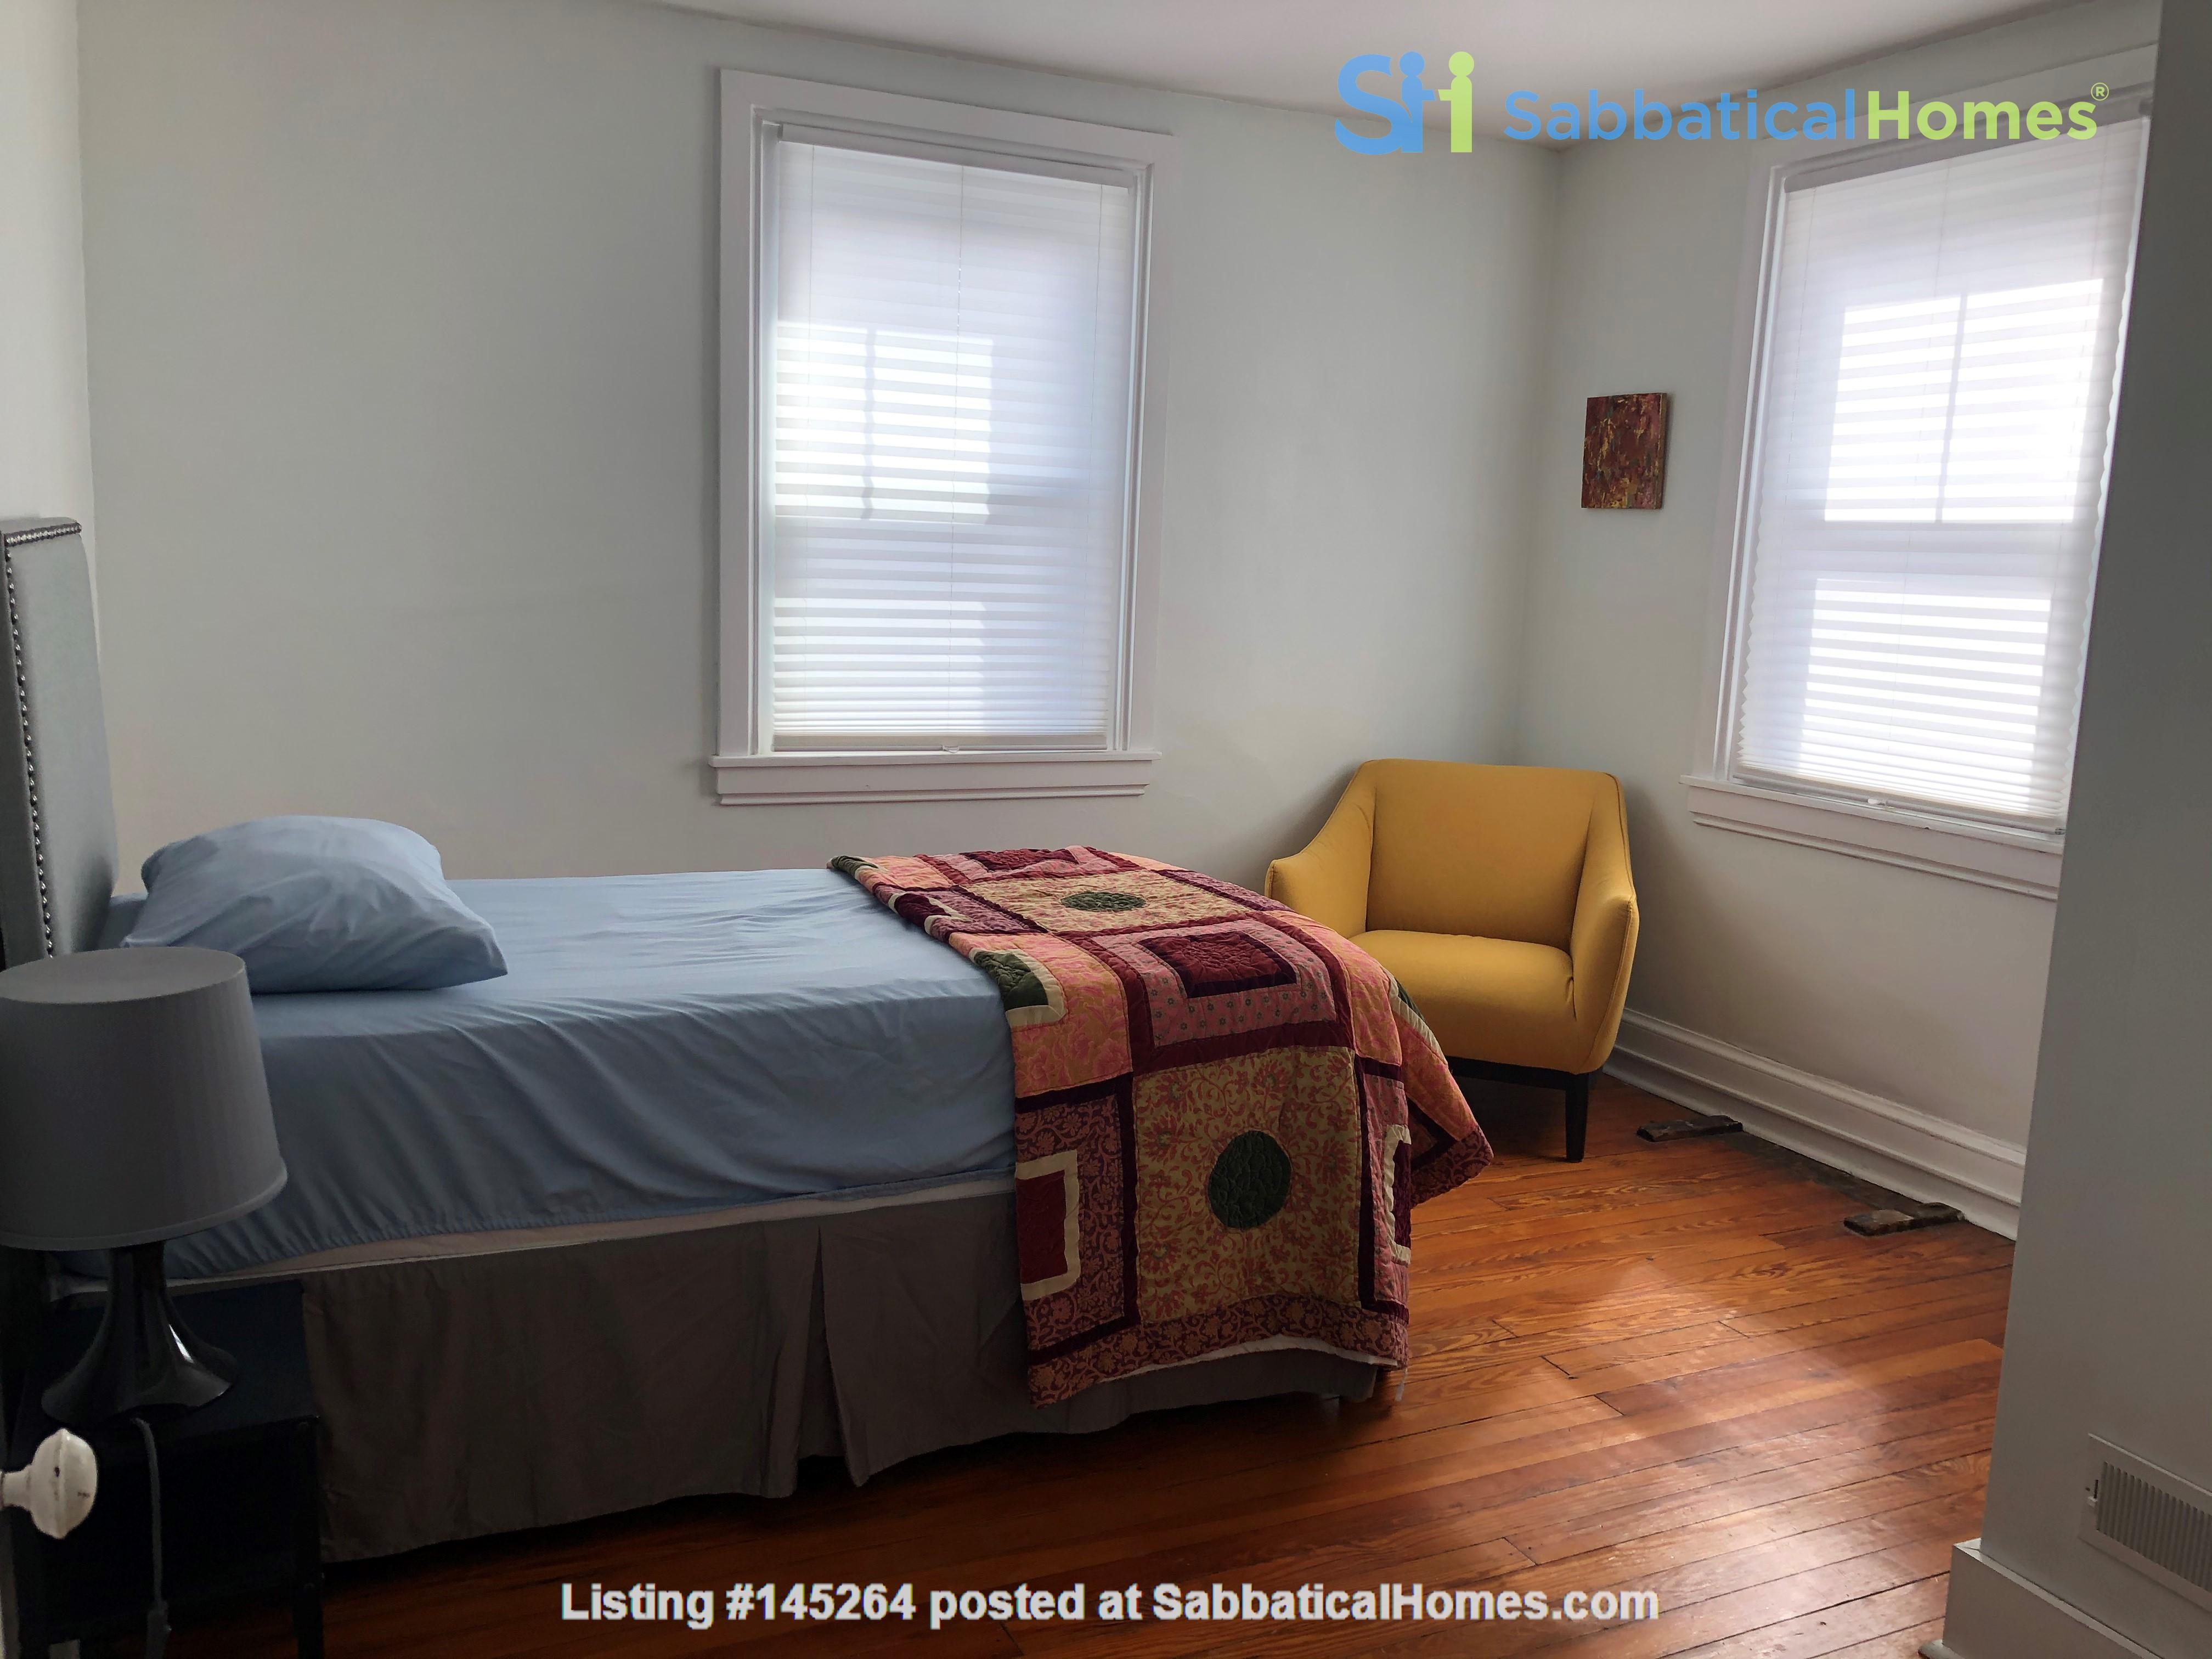 3 beds / 1 bath upper duplex in Bryn Mawr, PA Home Rental in Bryn Mawr, Pennsylvania, United States 4